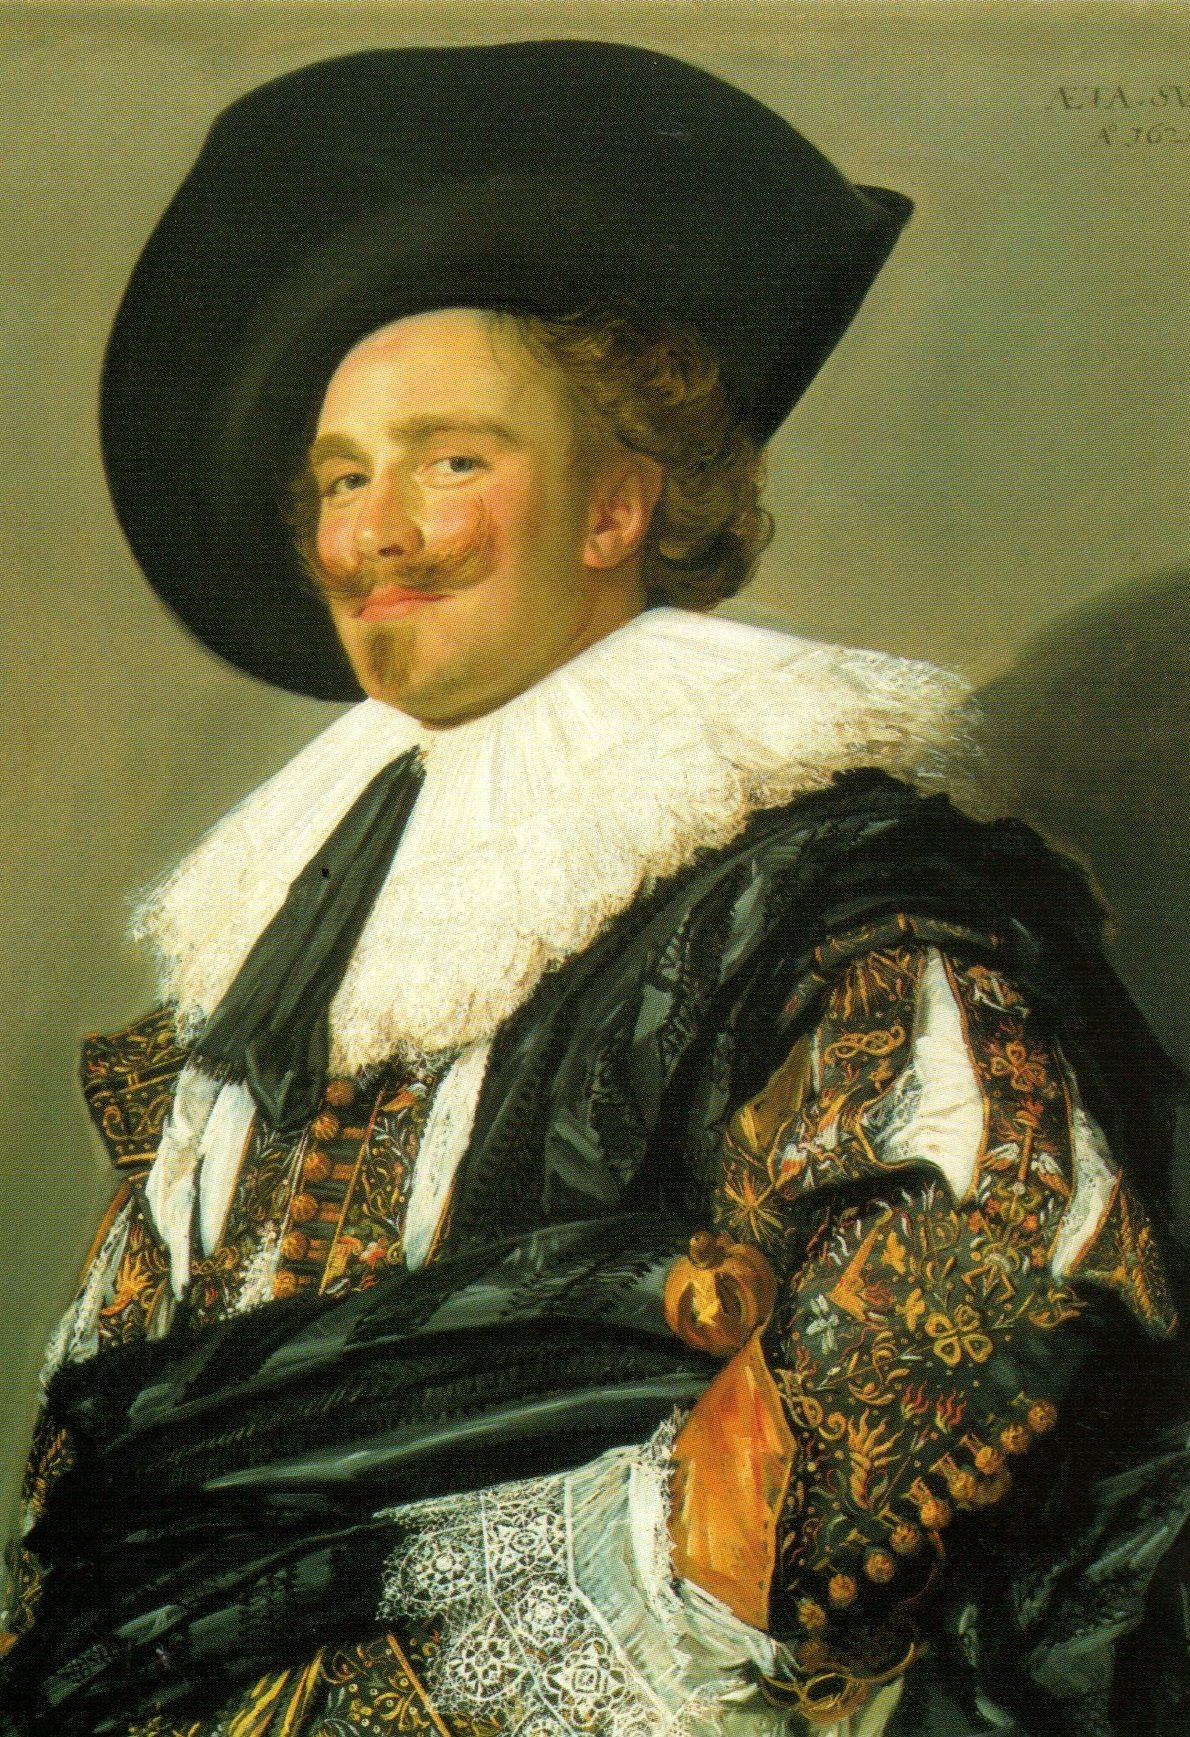 Frans Hals Le cavalier souriant. 1624